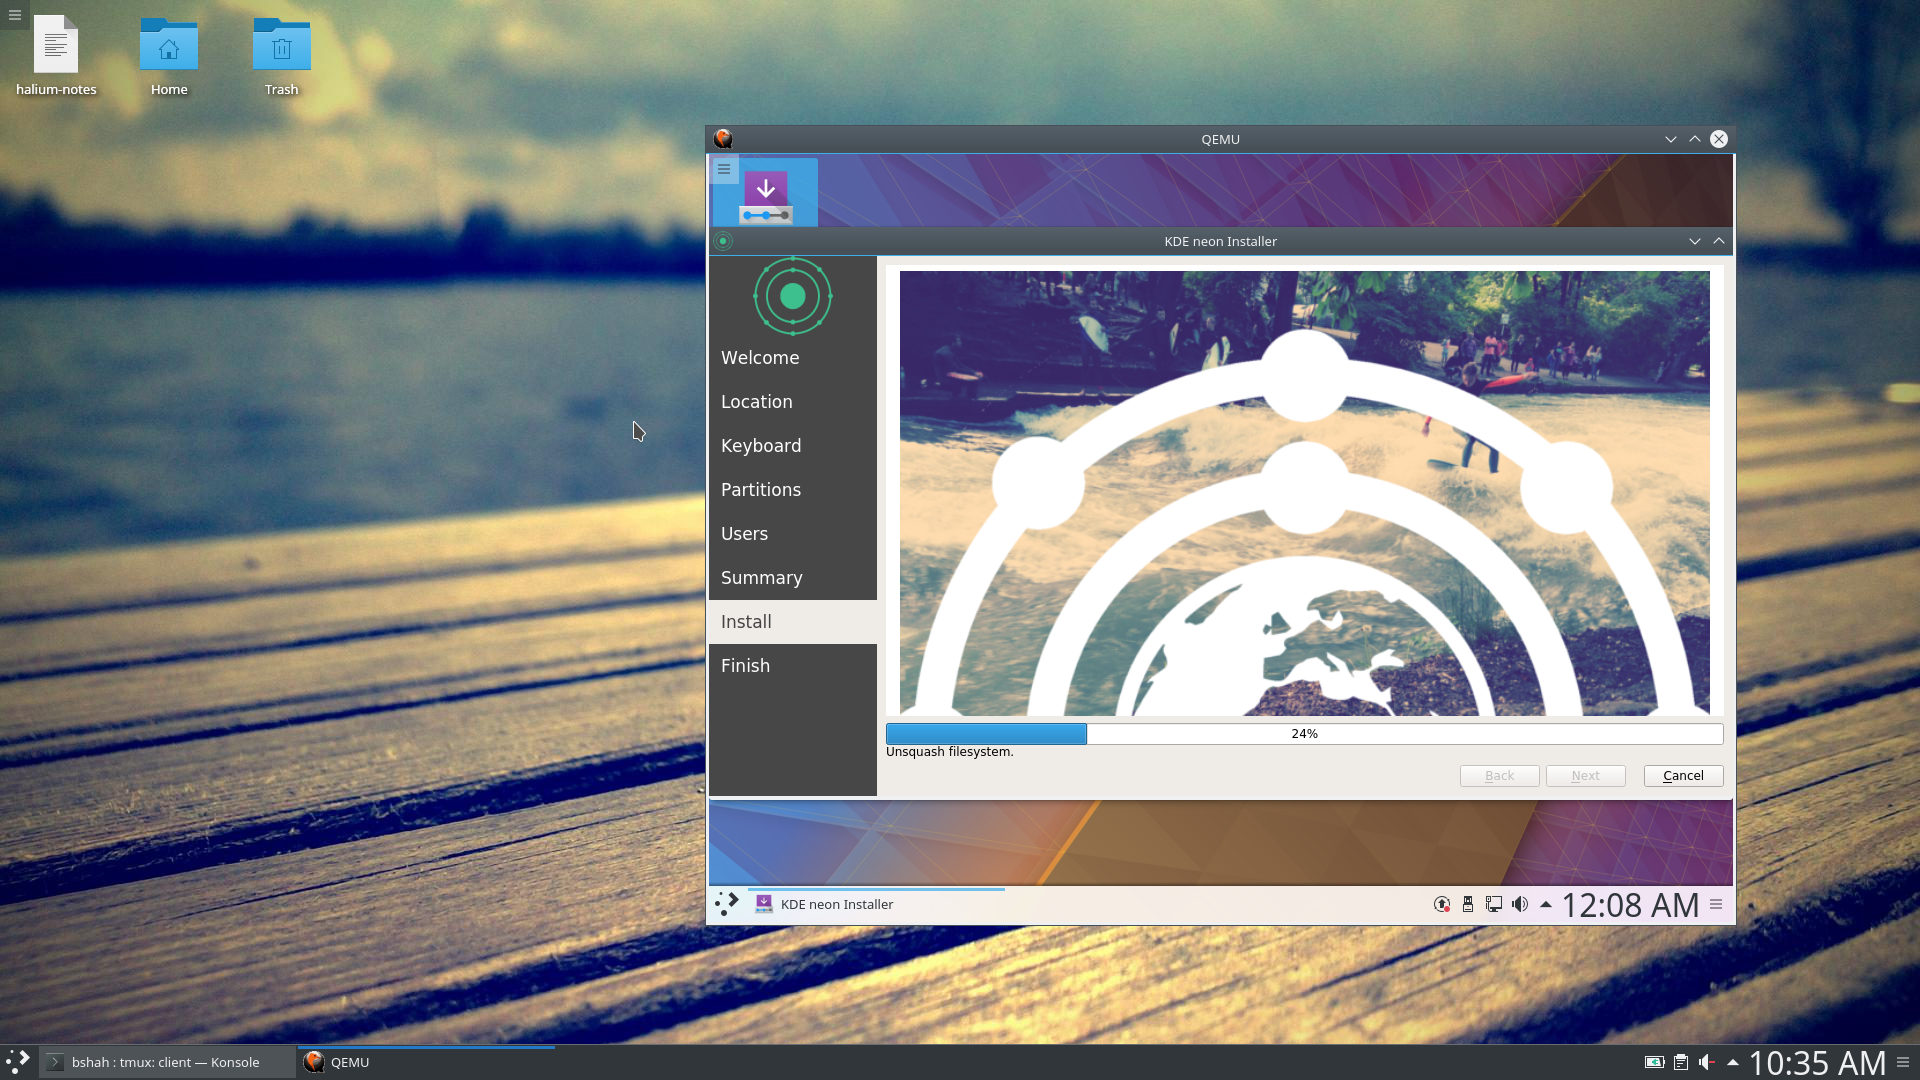 KDE Neon Installation